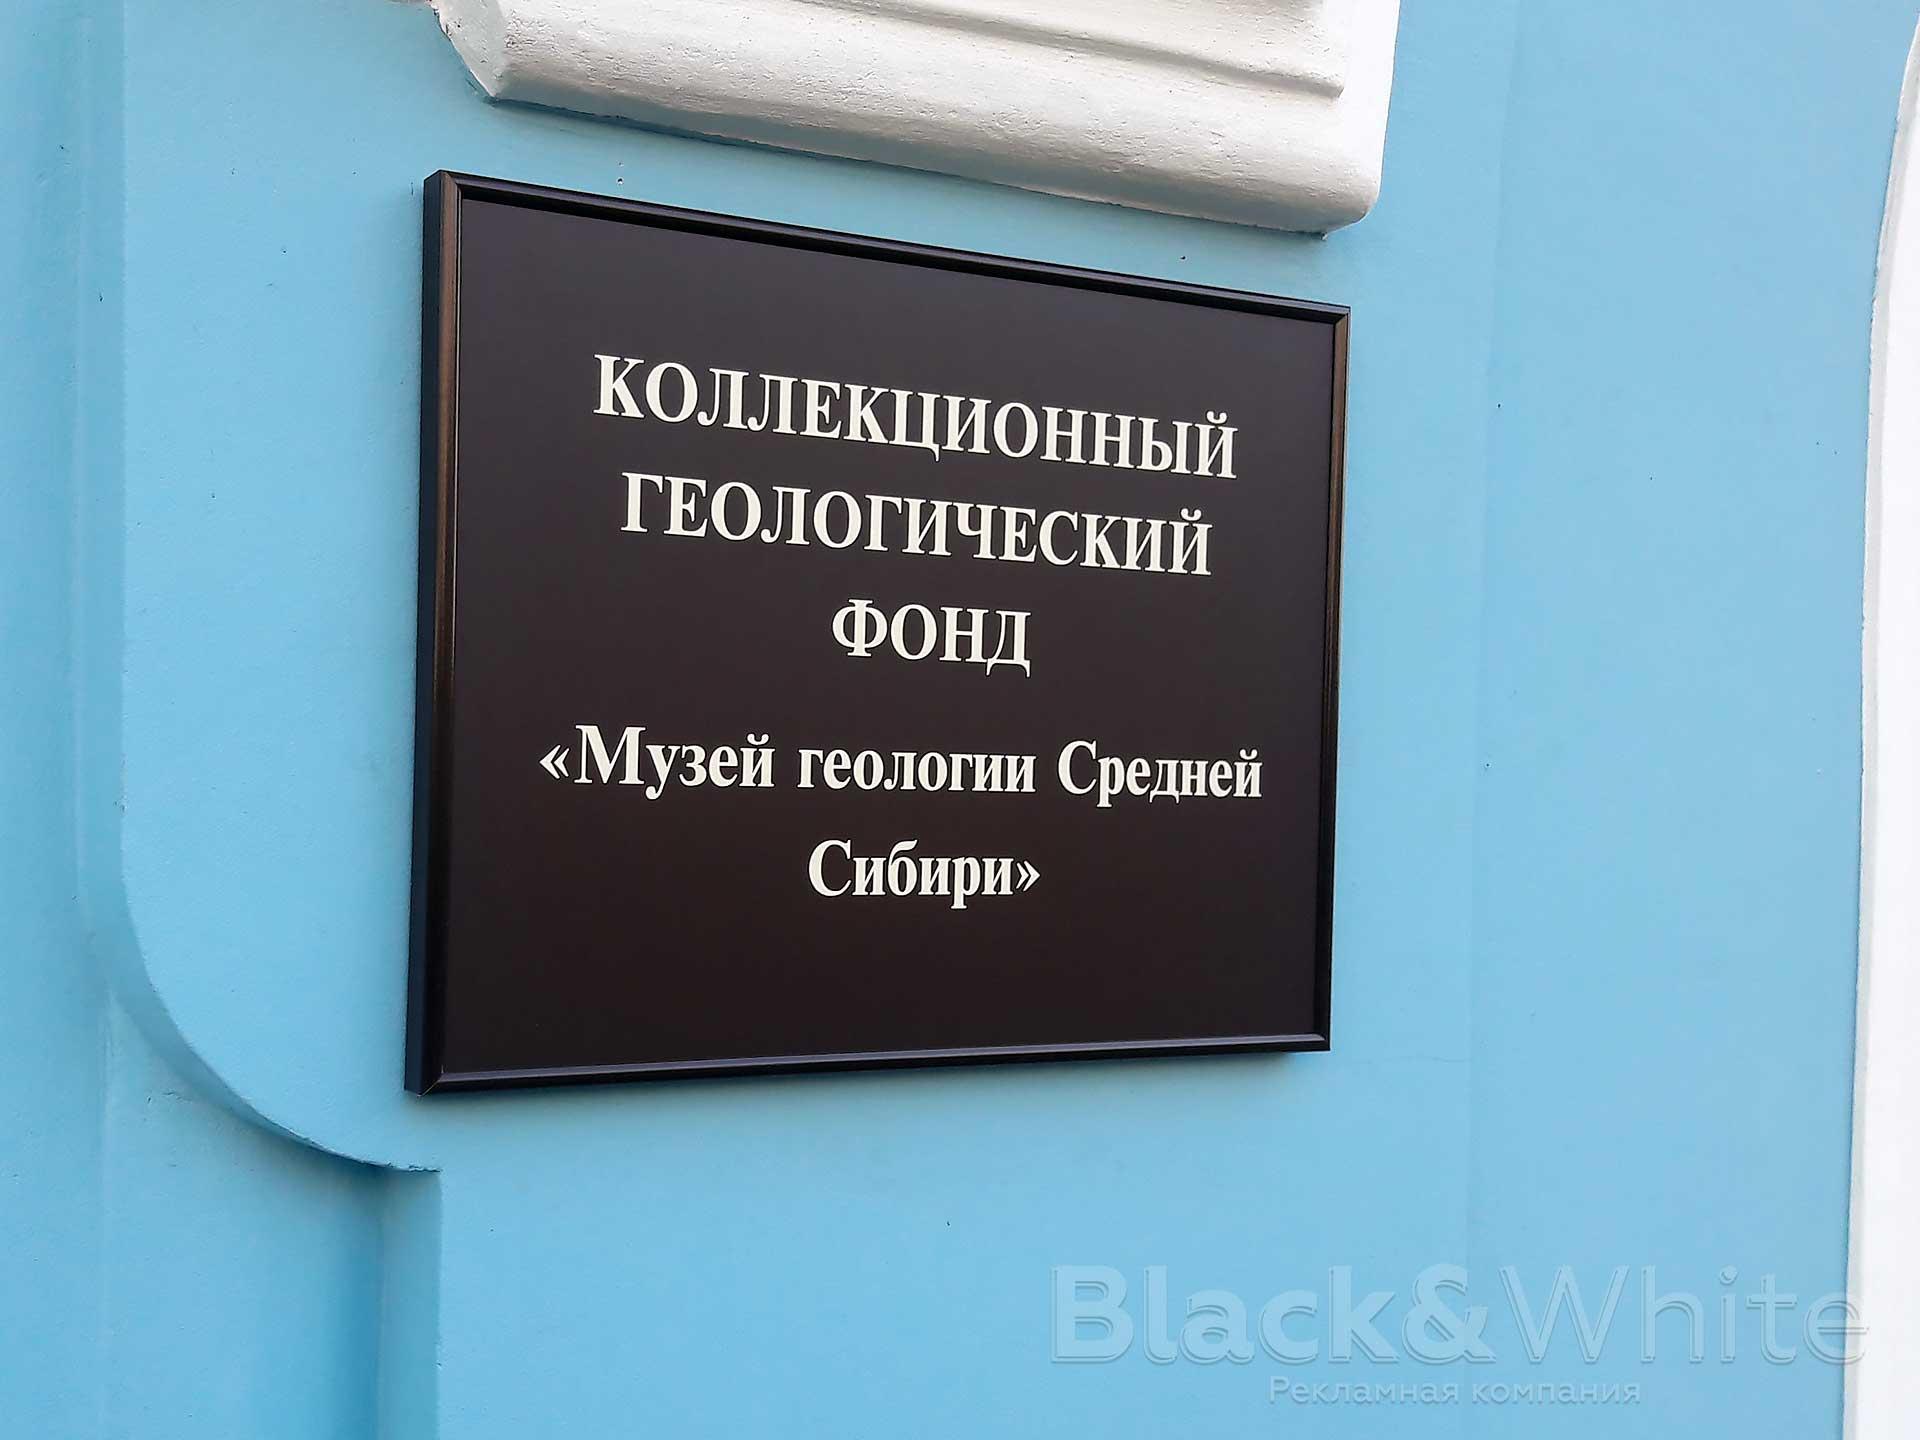 Фасадная-табличка-для-музея-изготовление-фасадных-табличек-в-красноярске..jpg